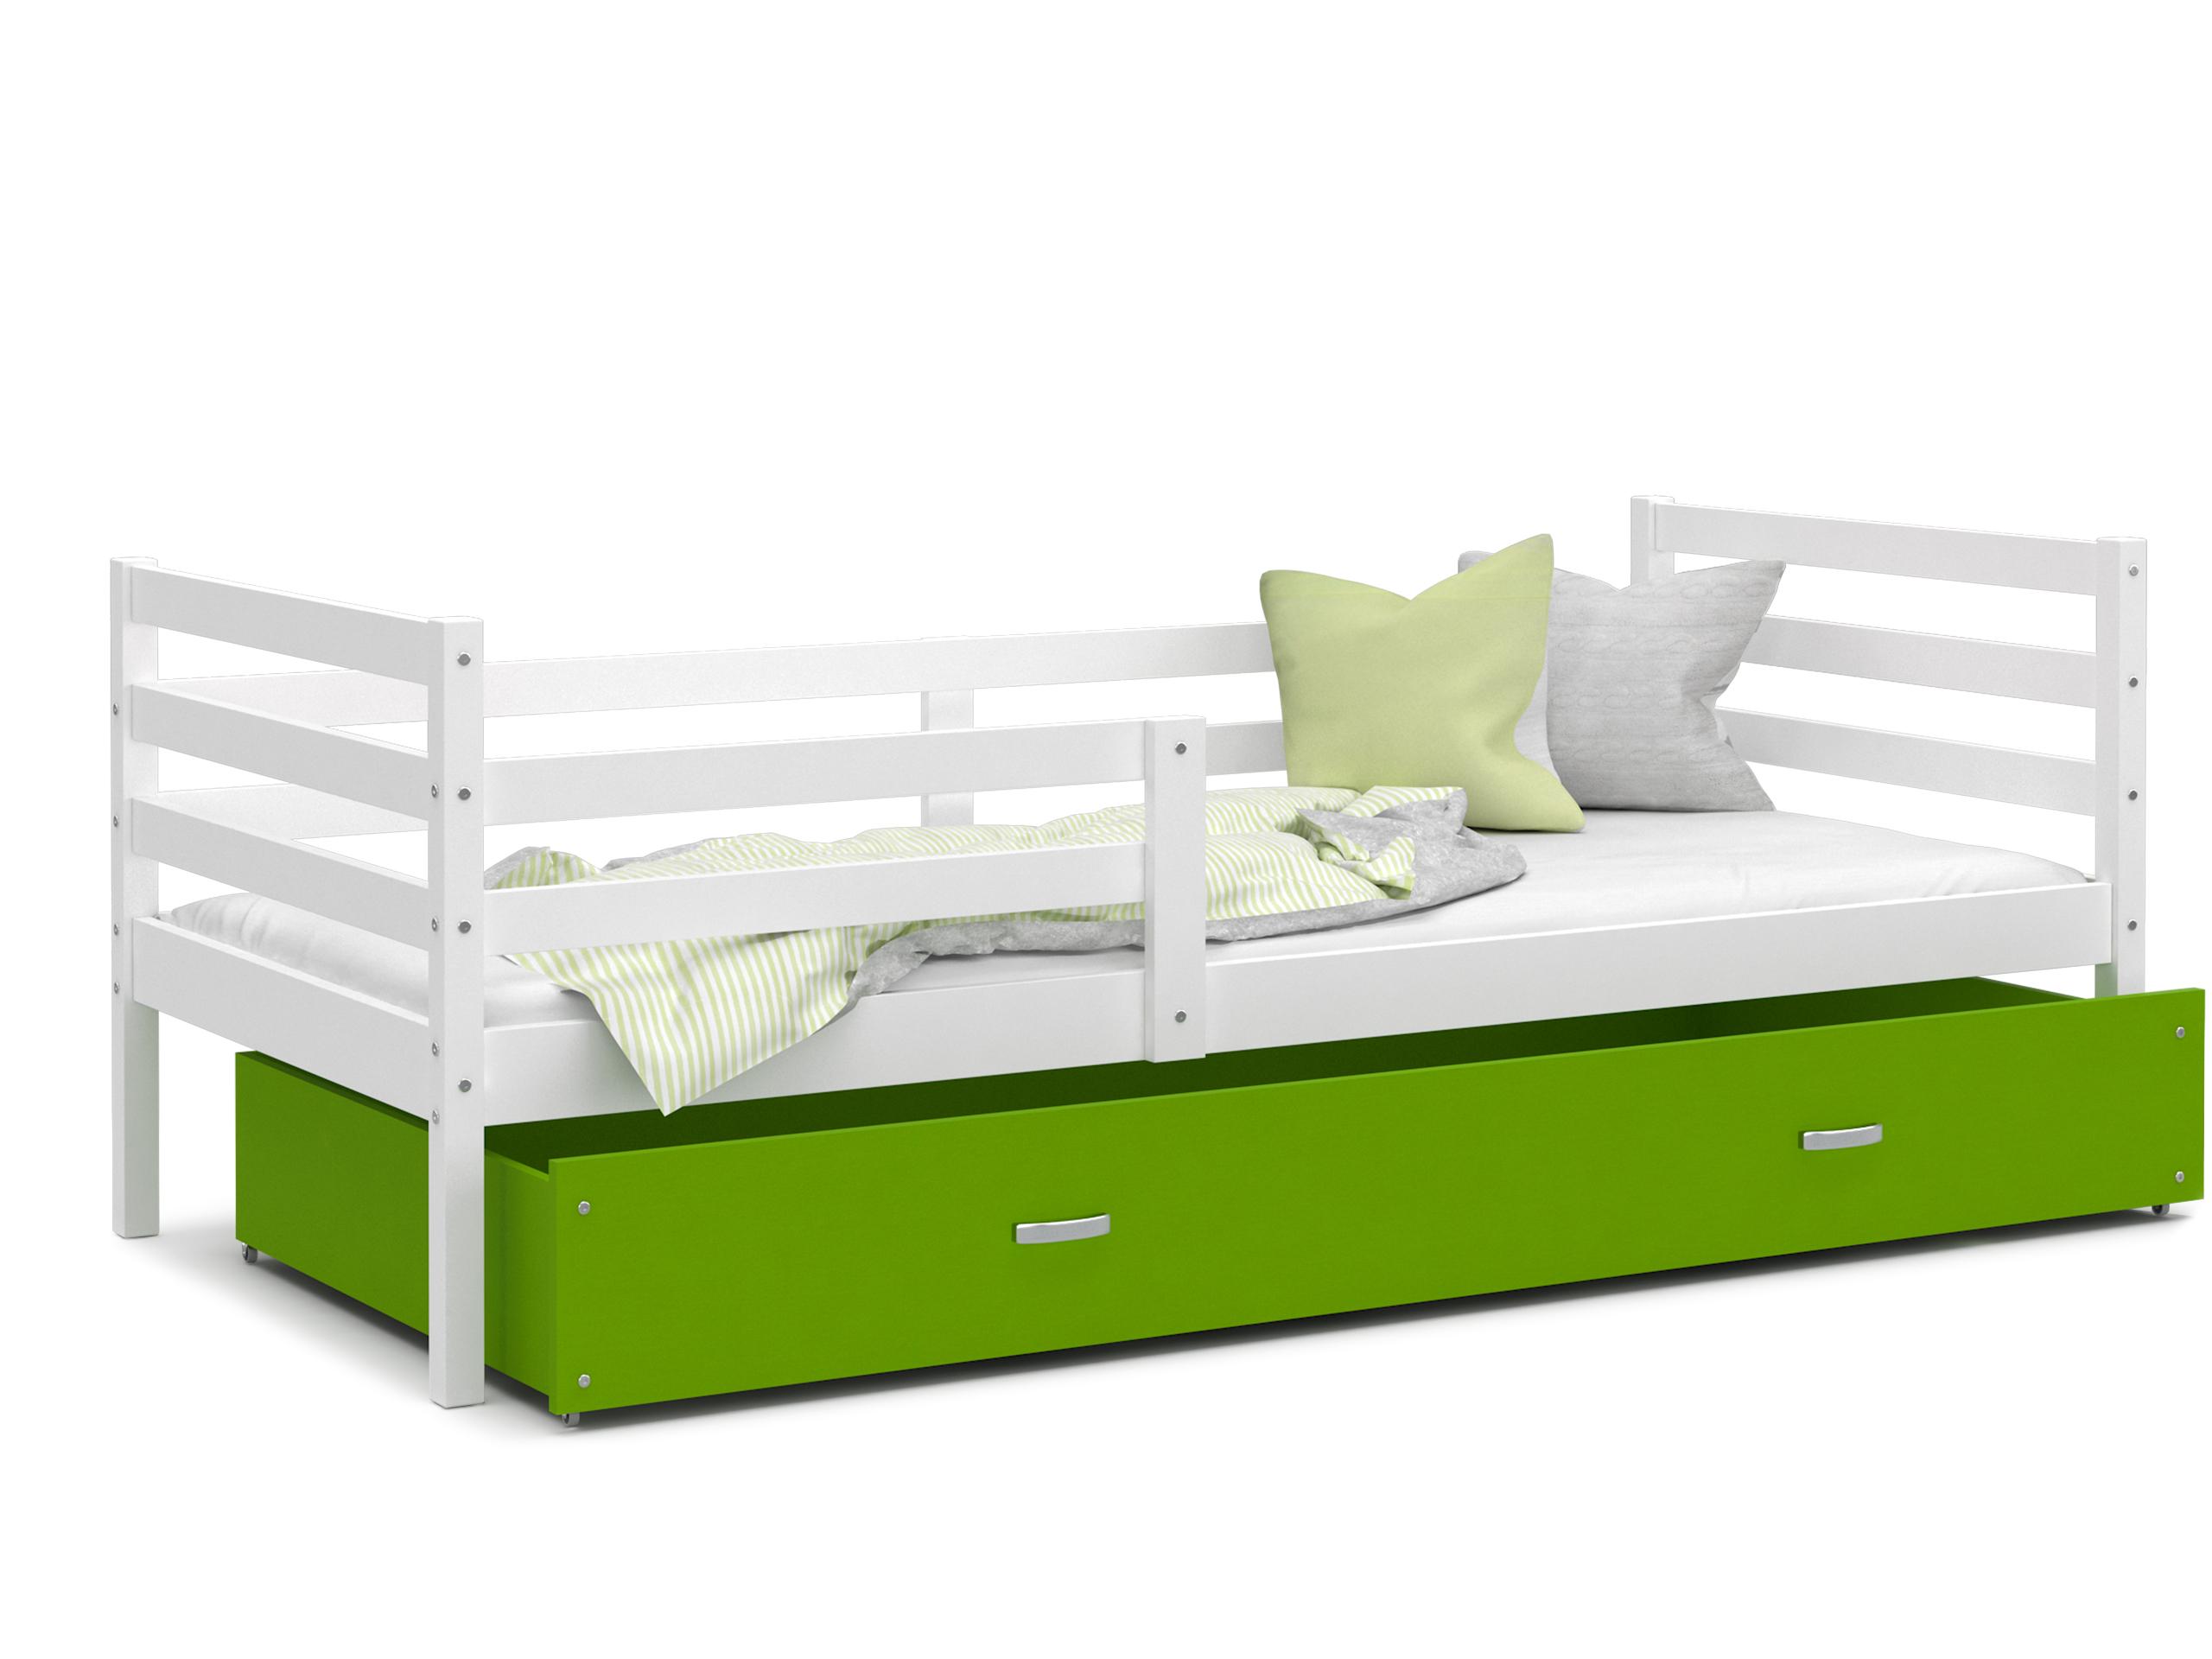 ArtAJ Detská posteľ JACEK P   190 x 80 cm Farba: biela / zelená, Prevedenie: bez matraca, Rozmer, materiál: MDF